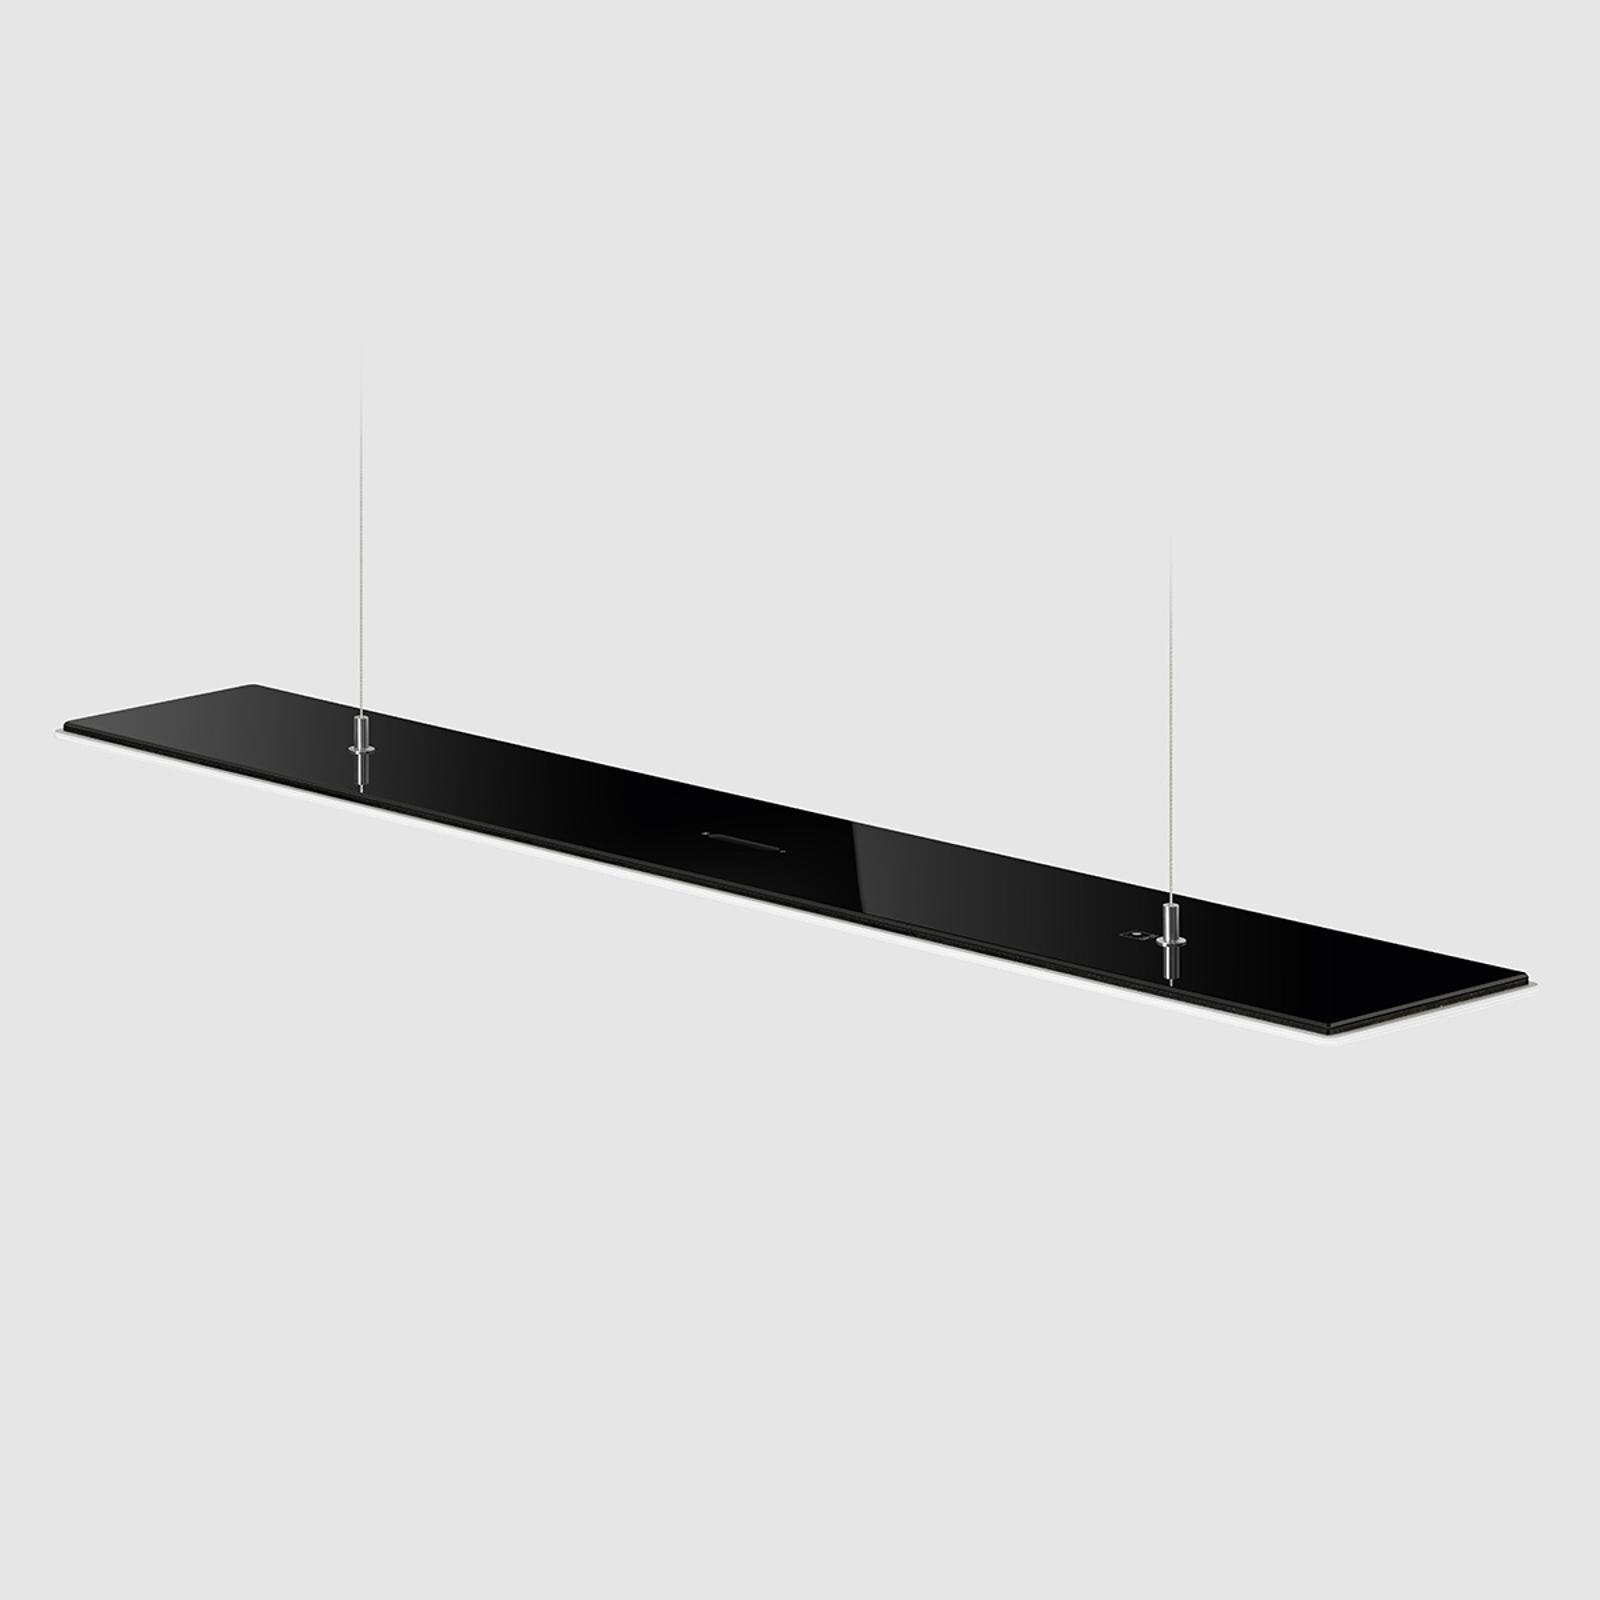 OLED-Hängelampe OMLED One s5L - schwarz